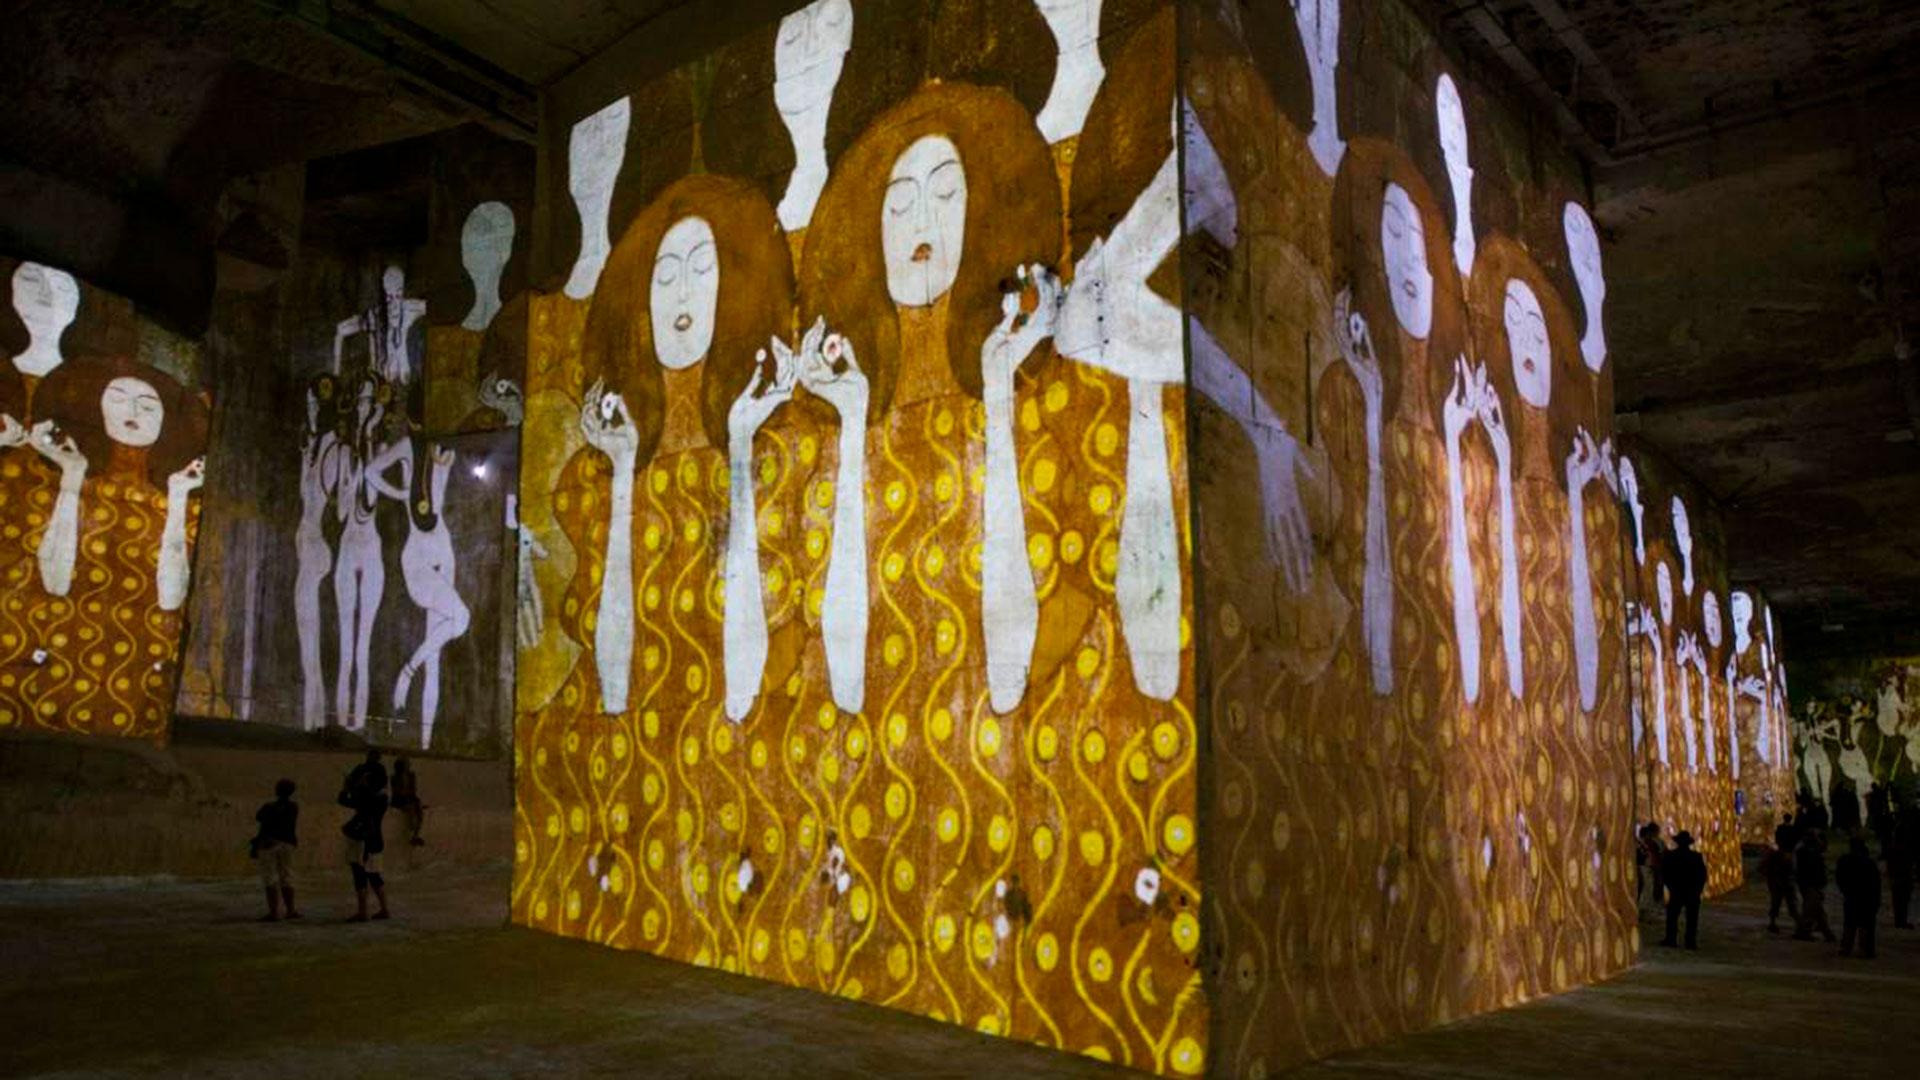 Atelier des Lumières presenta una exposición dedicada a Gustav Klimt